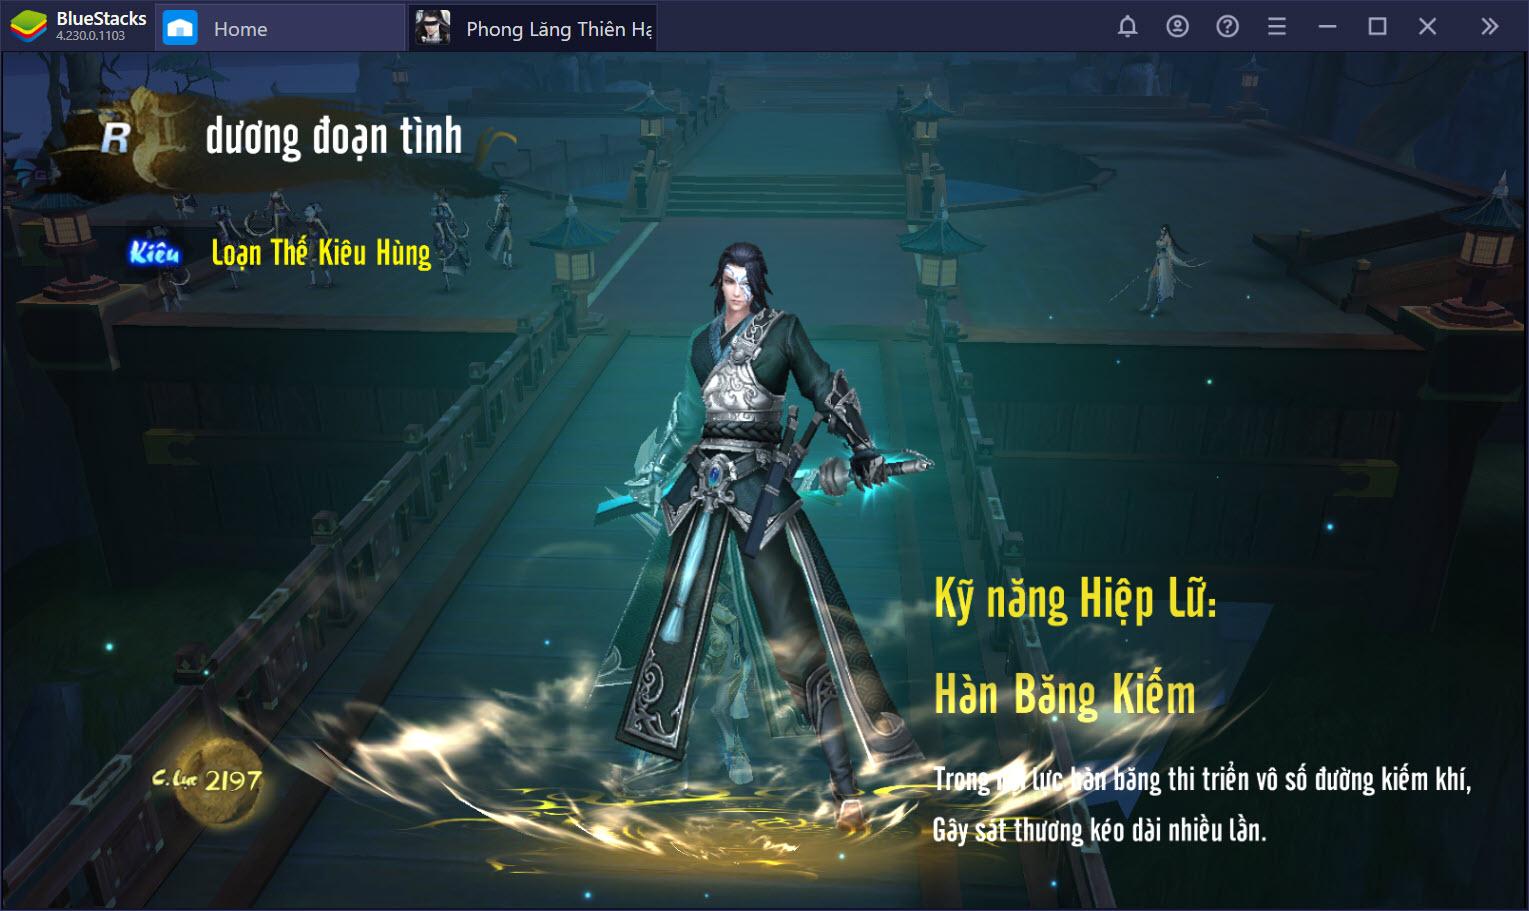 Phiêu du thế giới Phong Lăng Thiên Hạ trên PC cùng BlueStacks